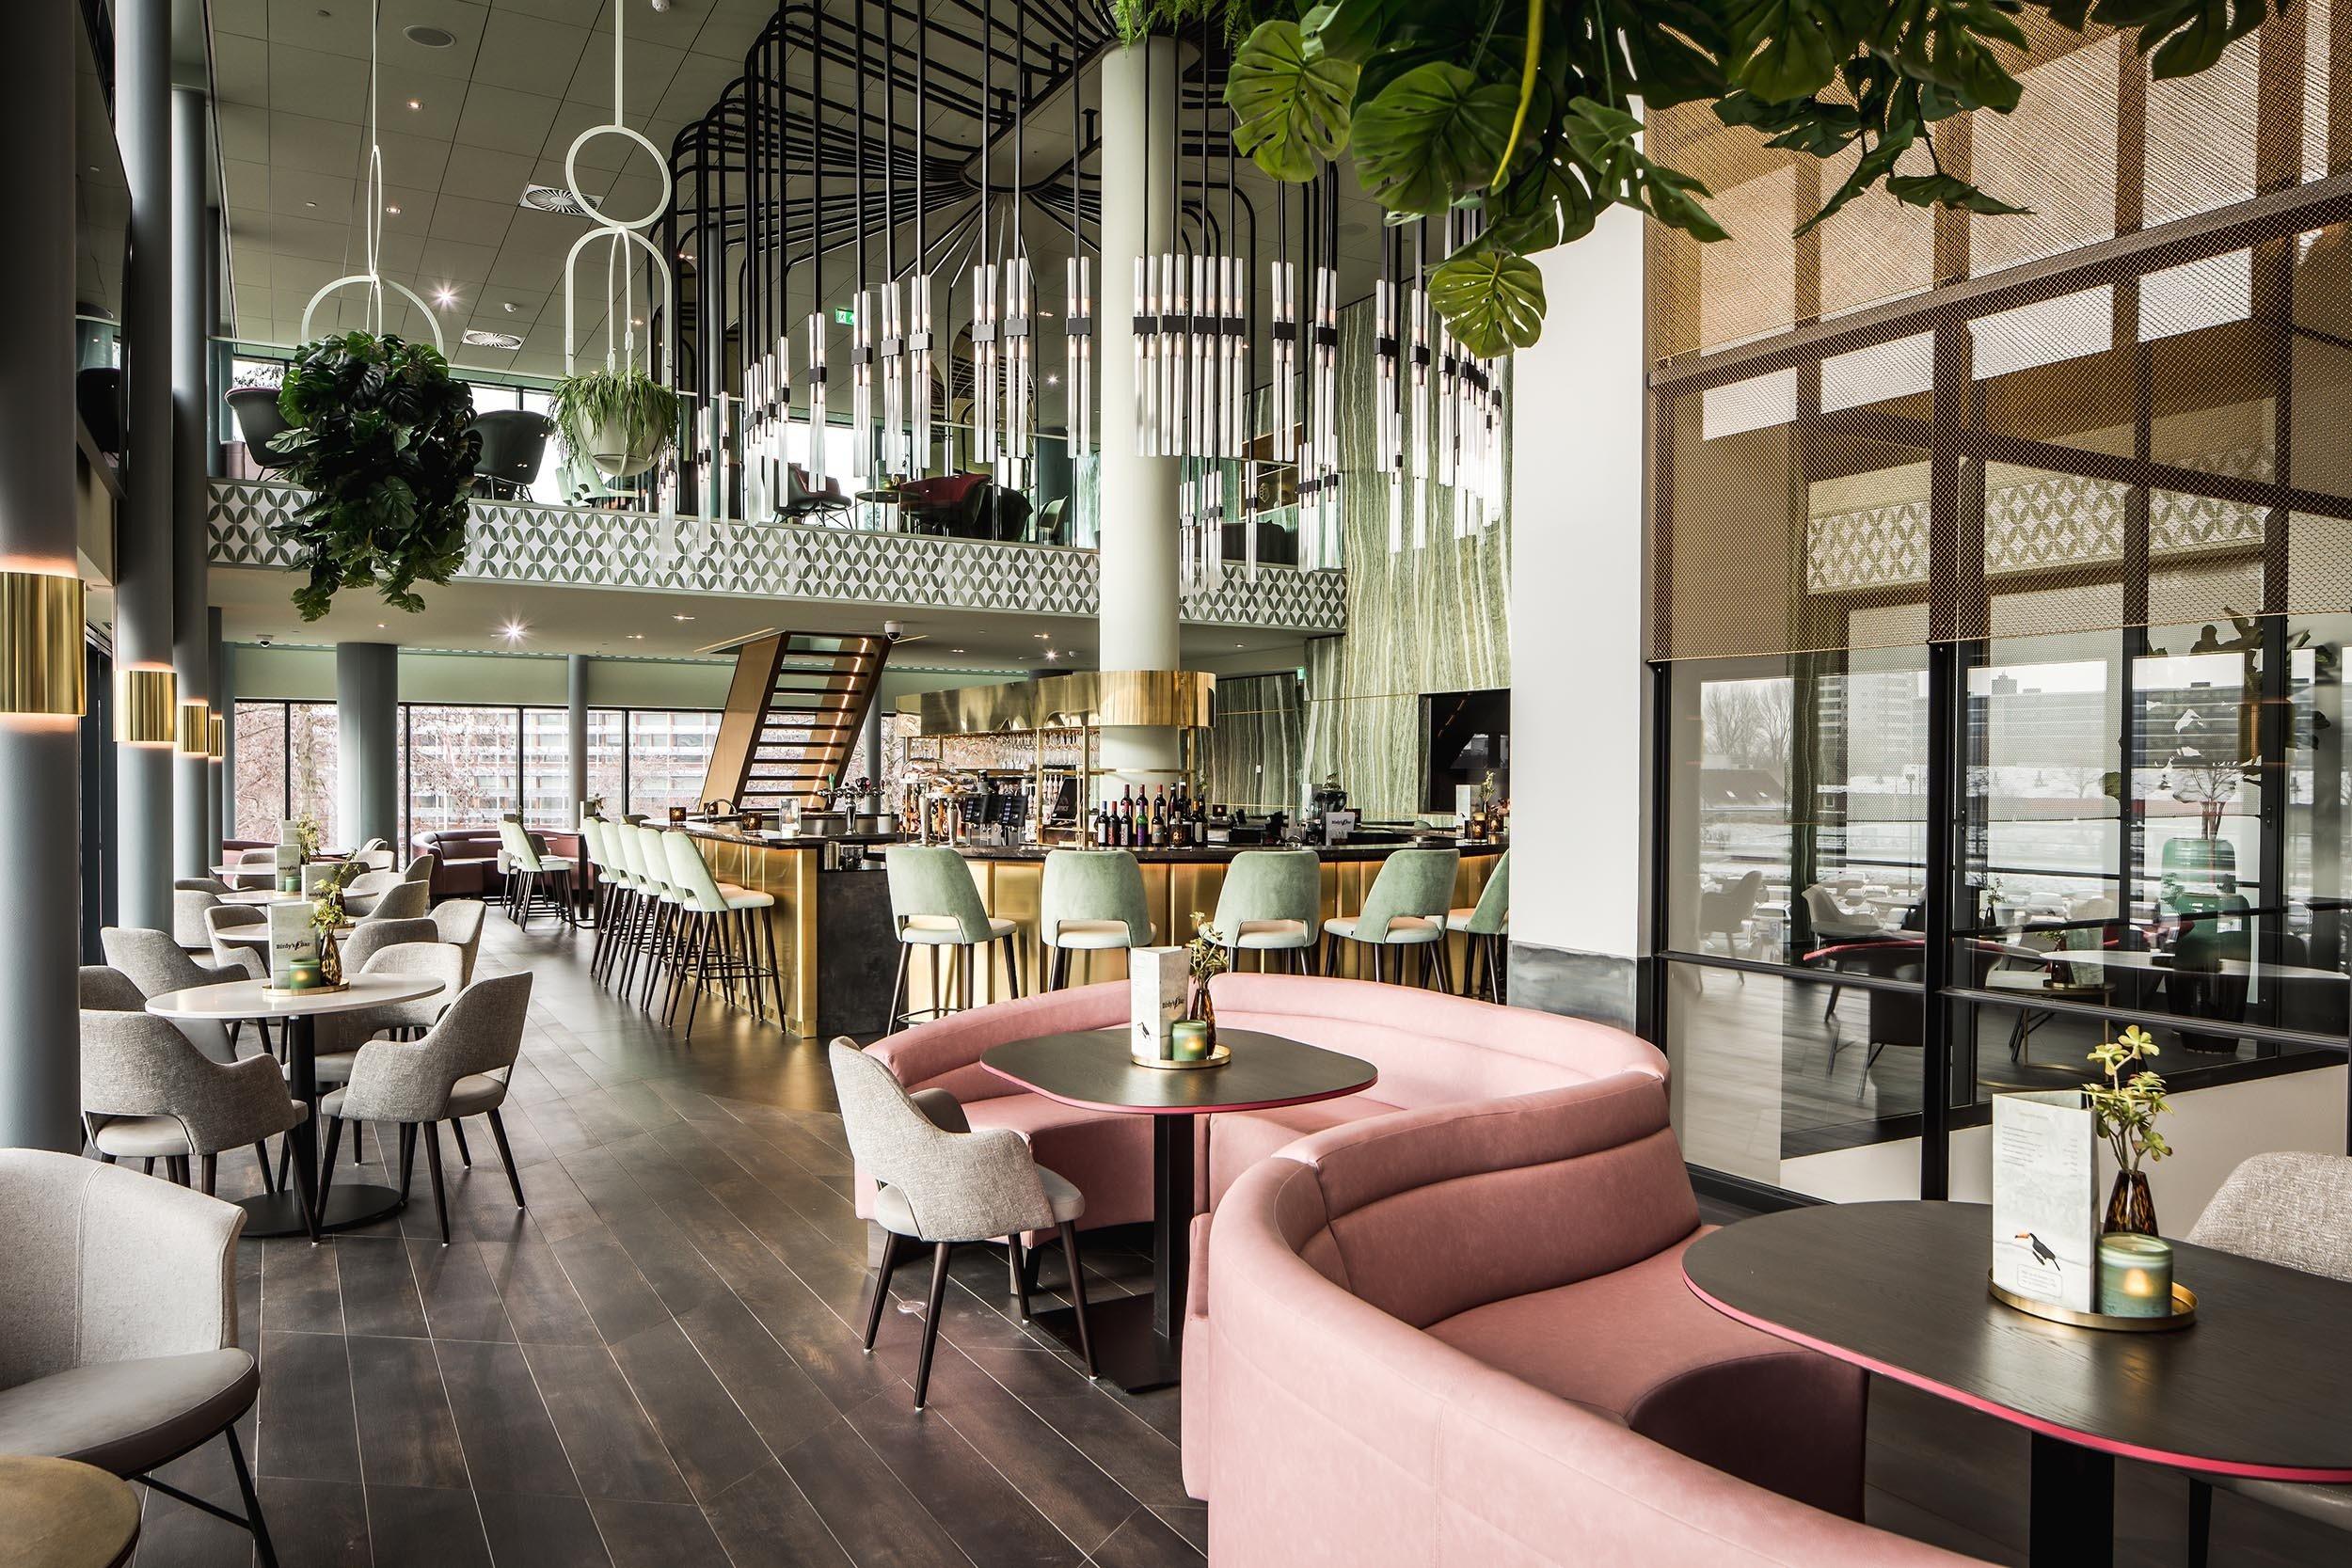 Dagaanbieding - 2 of 3 dagen top beoordeeld 4*-Van der Valk Hotel Haarlem nabij het strand incl. 3-gangendiner dagelijkse koopjes